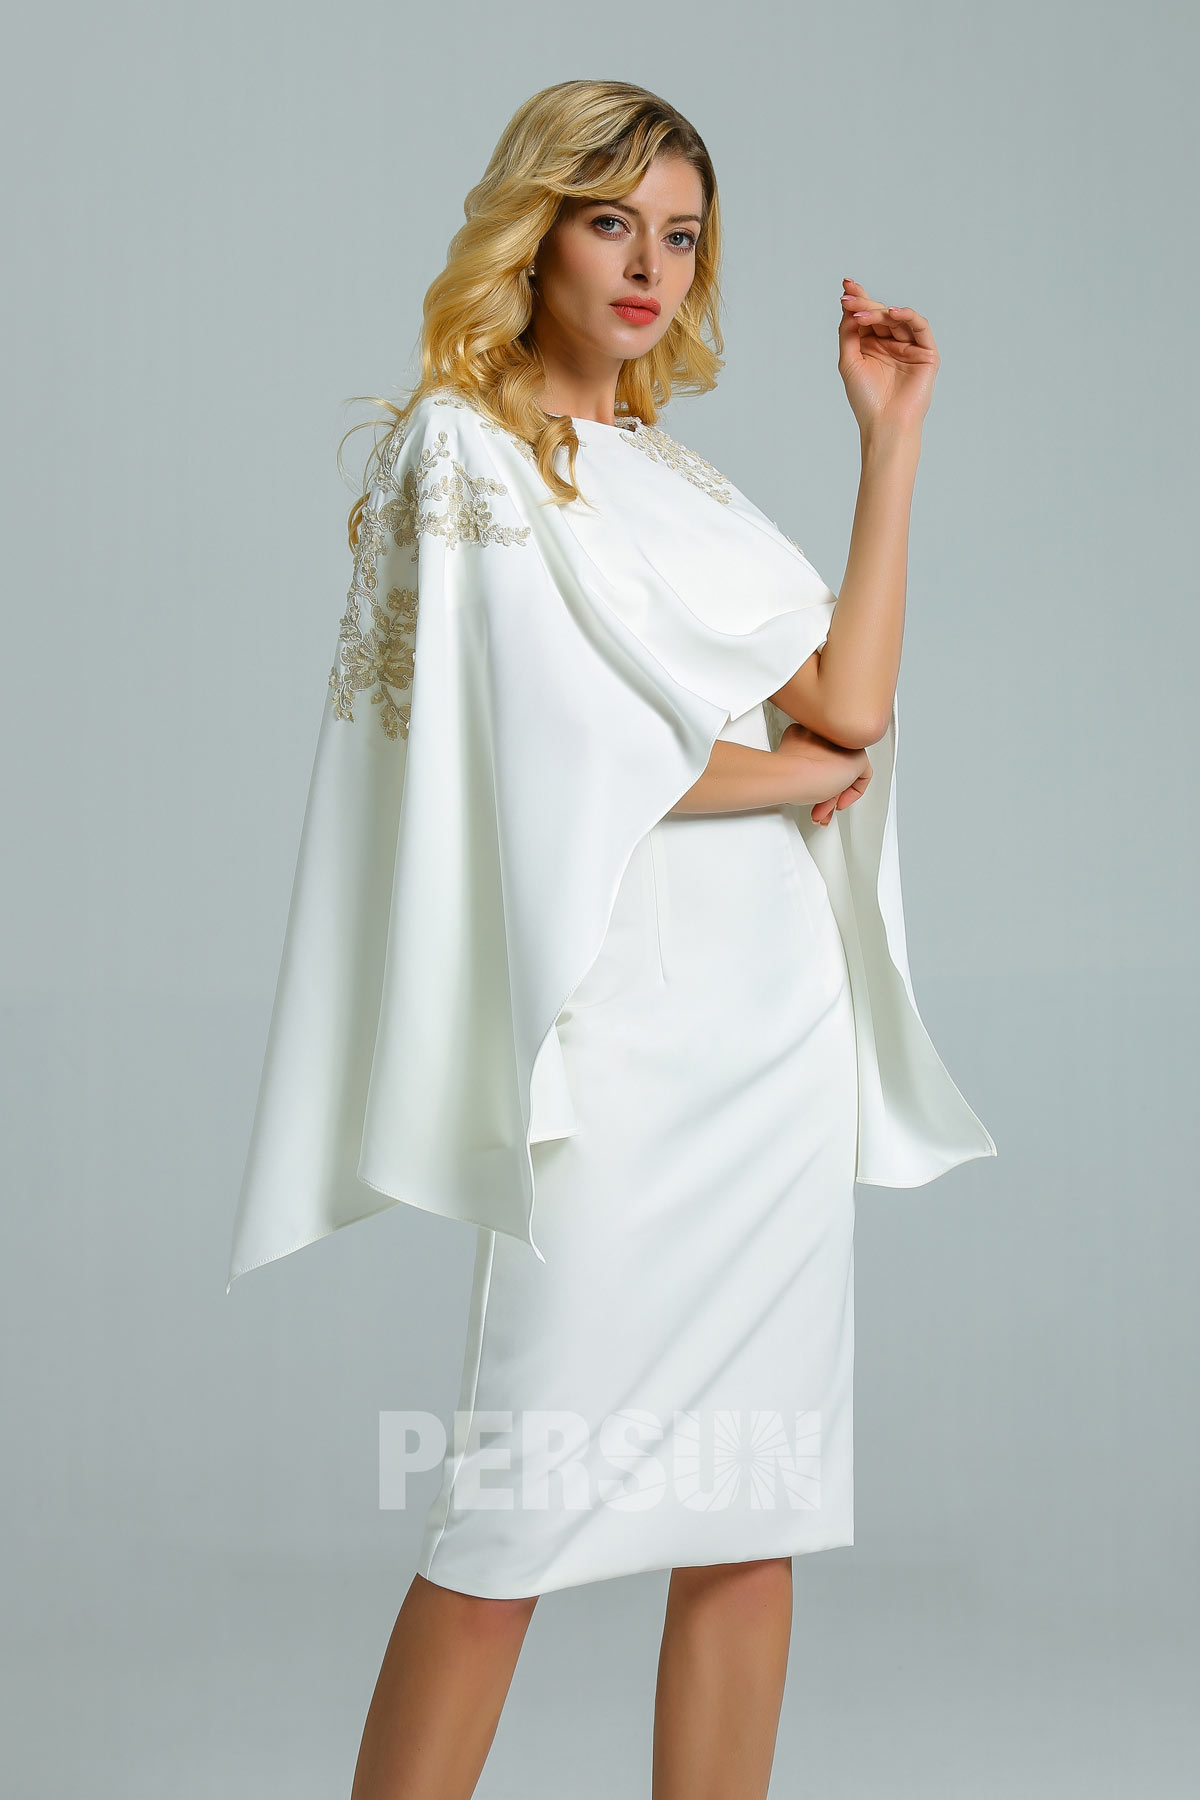 robe de cocktail blanche courte moulante à mancheron avec cape appliquée de dentelle